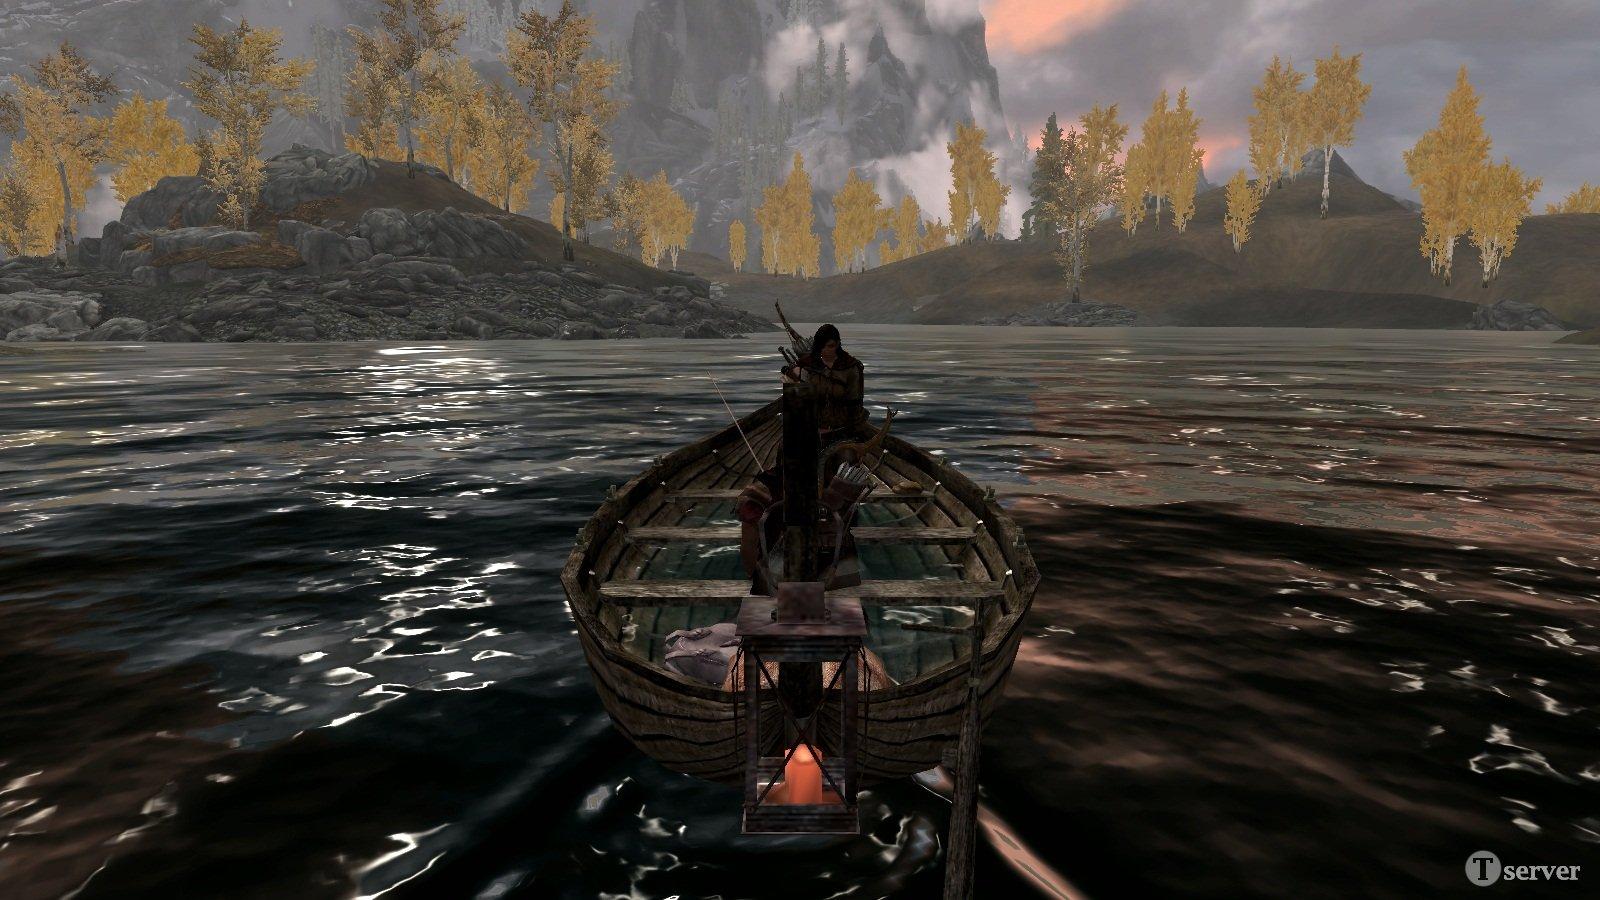 мод для плавание на лодке в скайриме